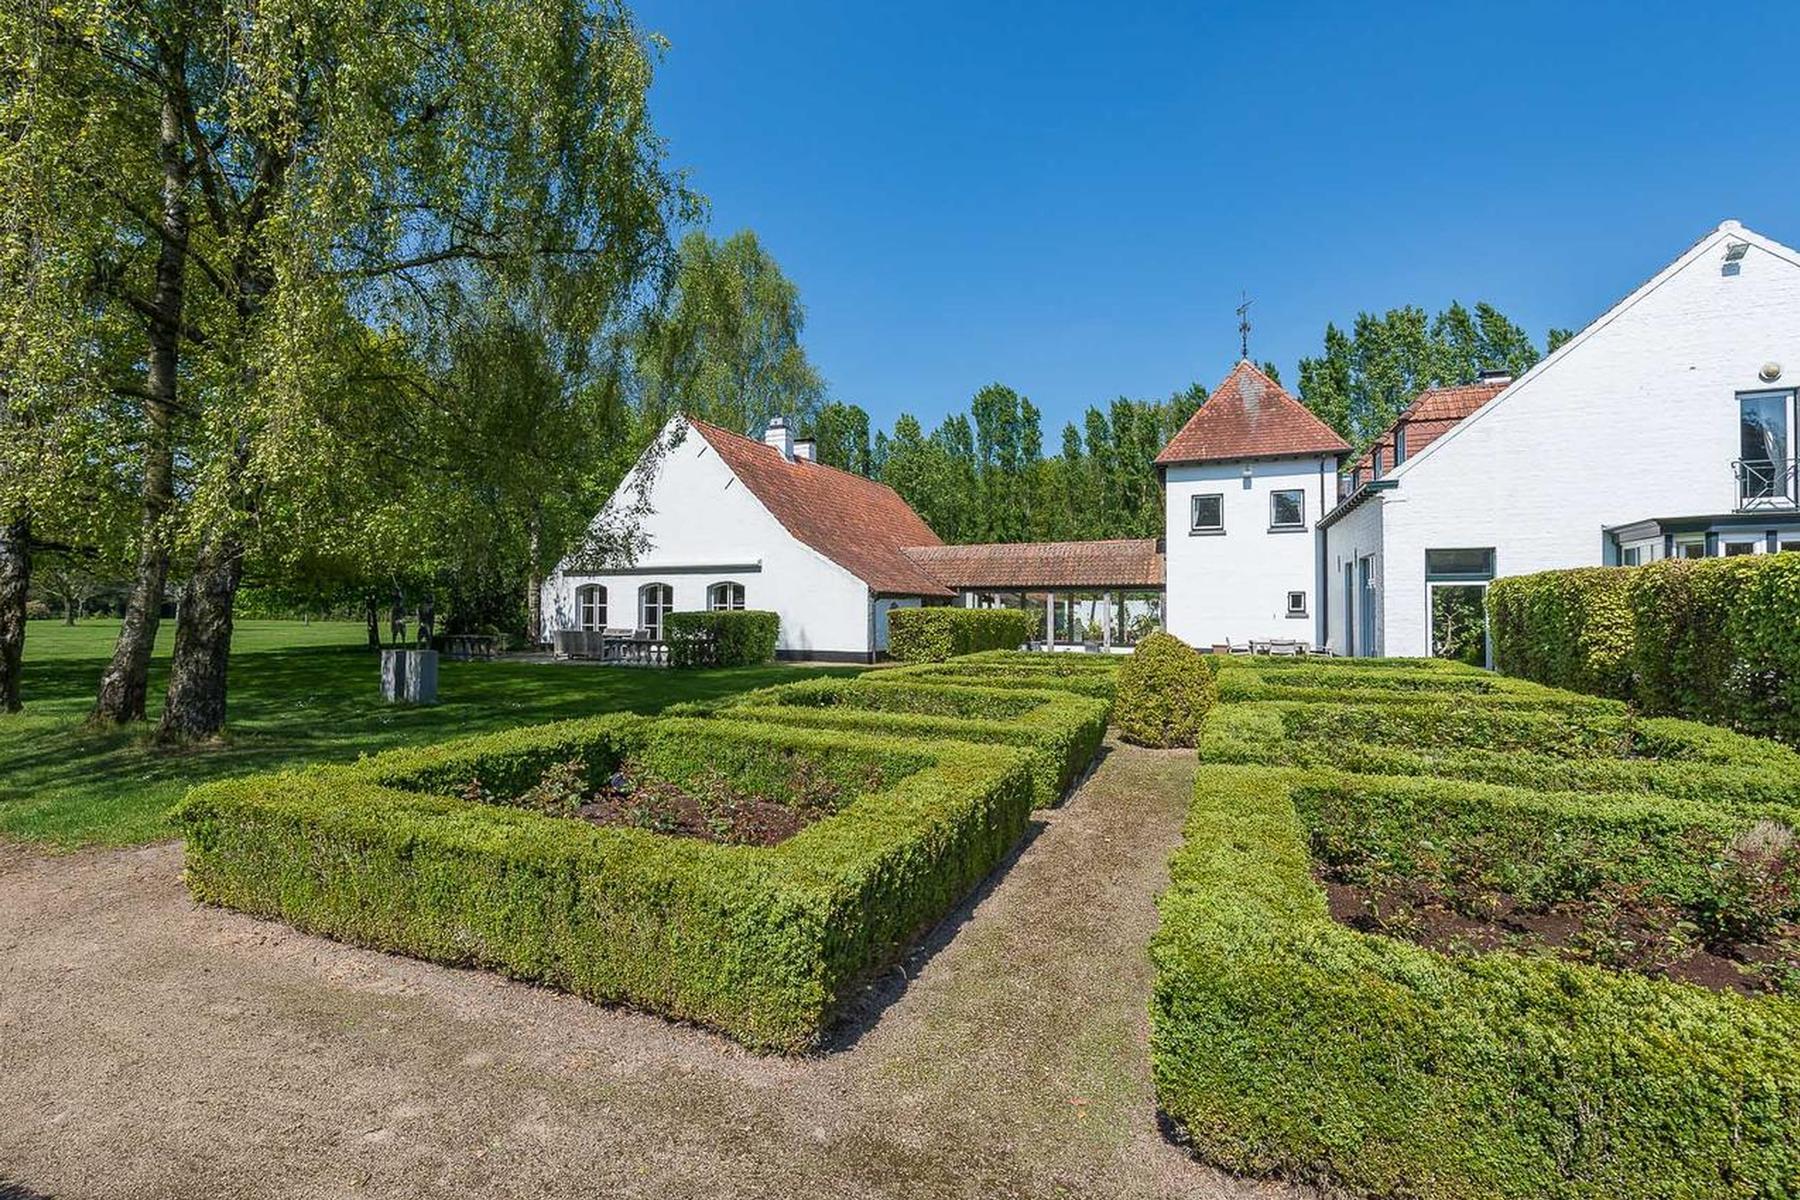 Ferme / Ranch / Plantation pour l Vente à Province d'Anvers I Turnhout Other Belgium, Autres Régions De Belgique 2300 Belgique